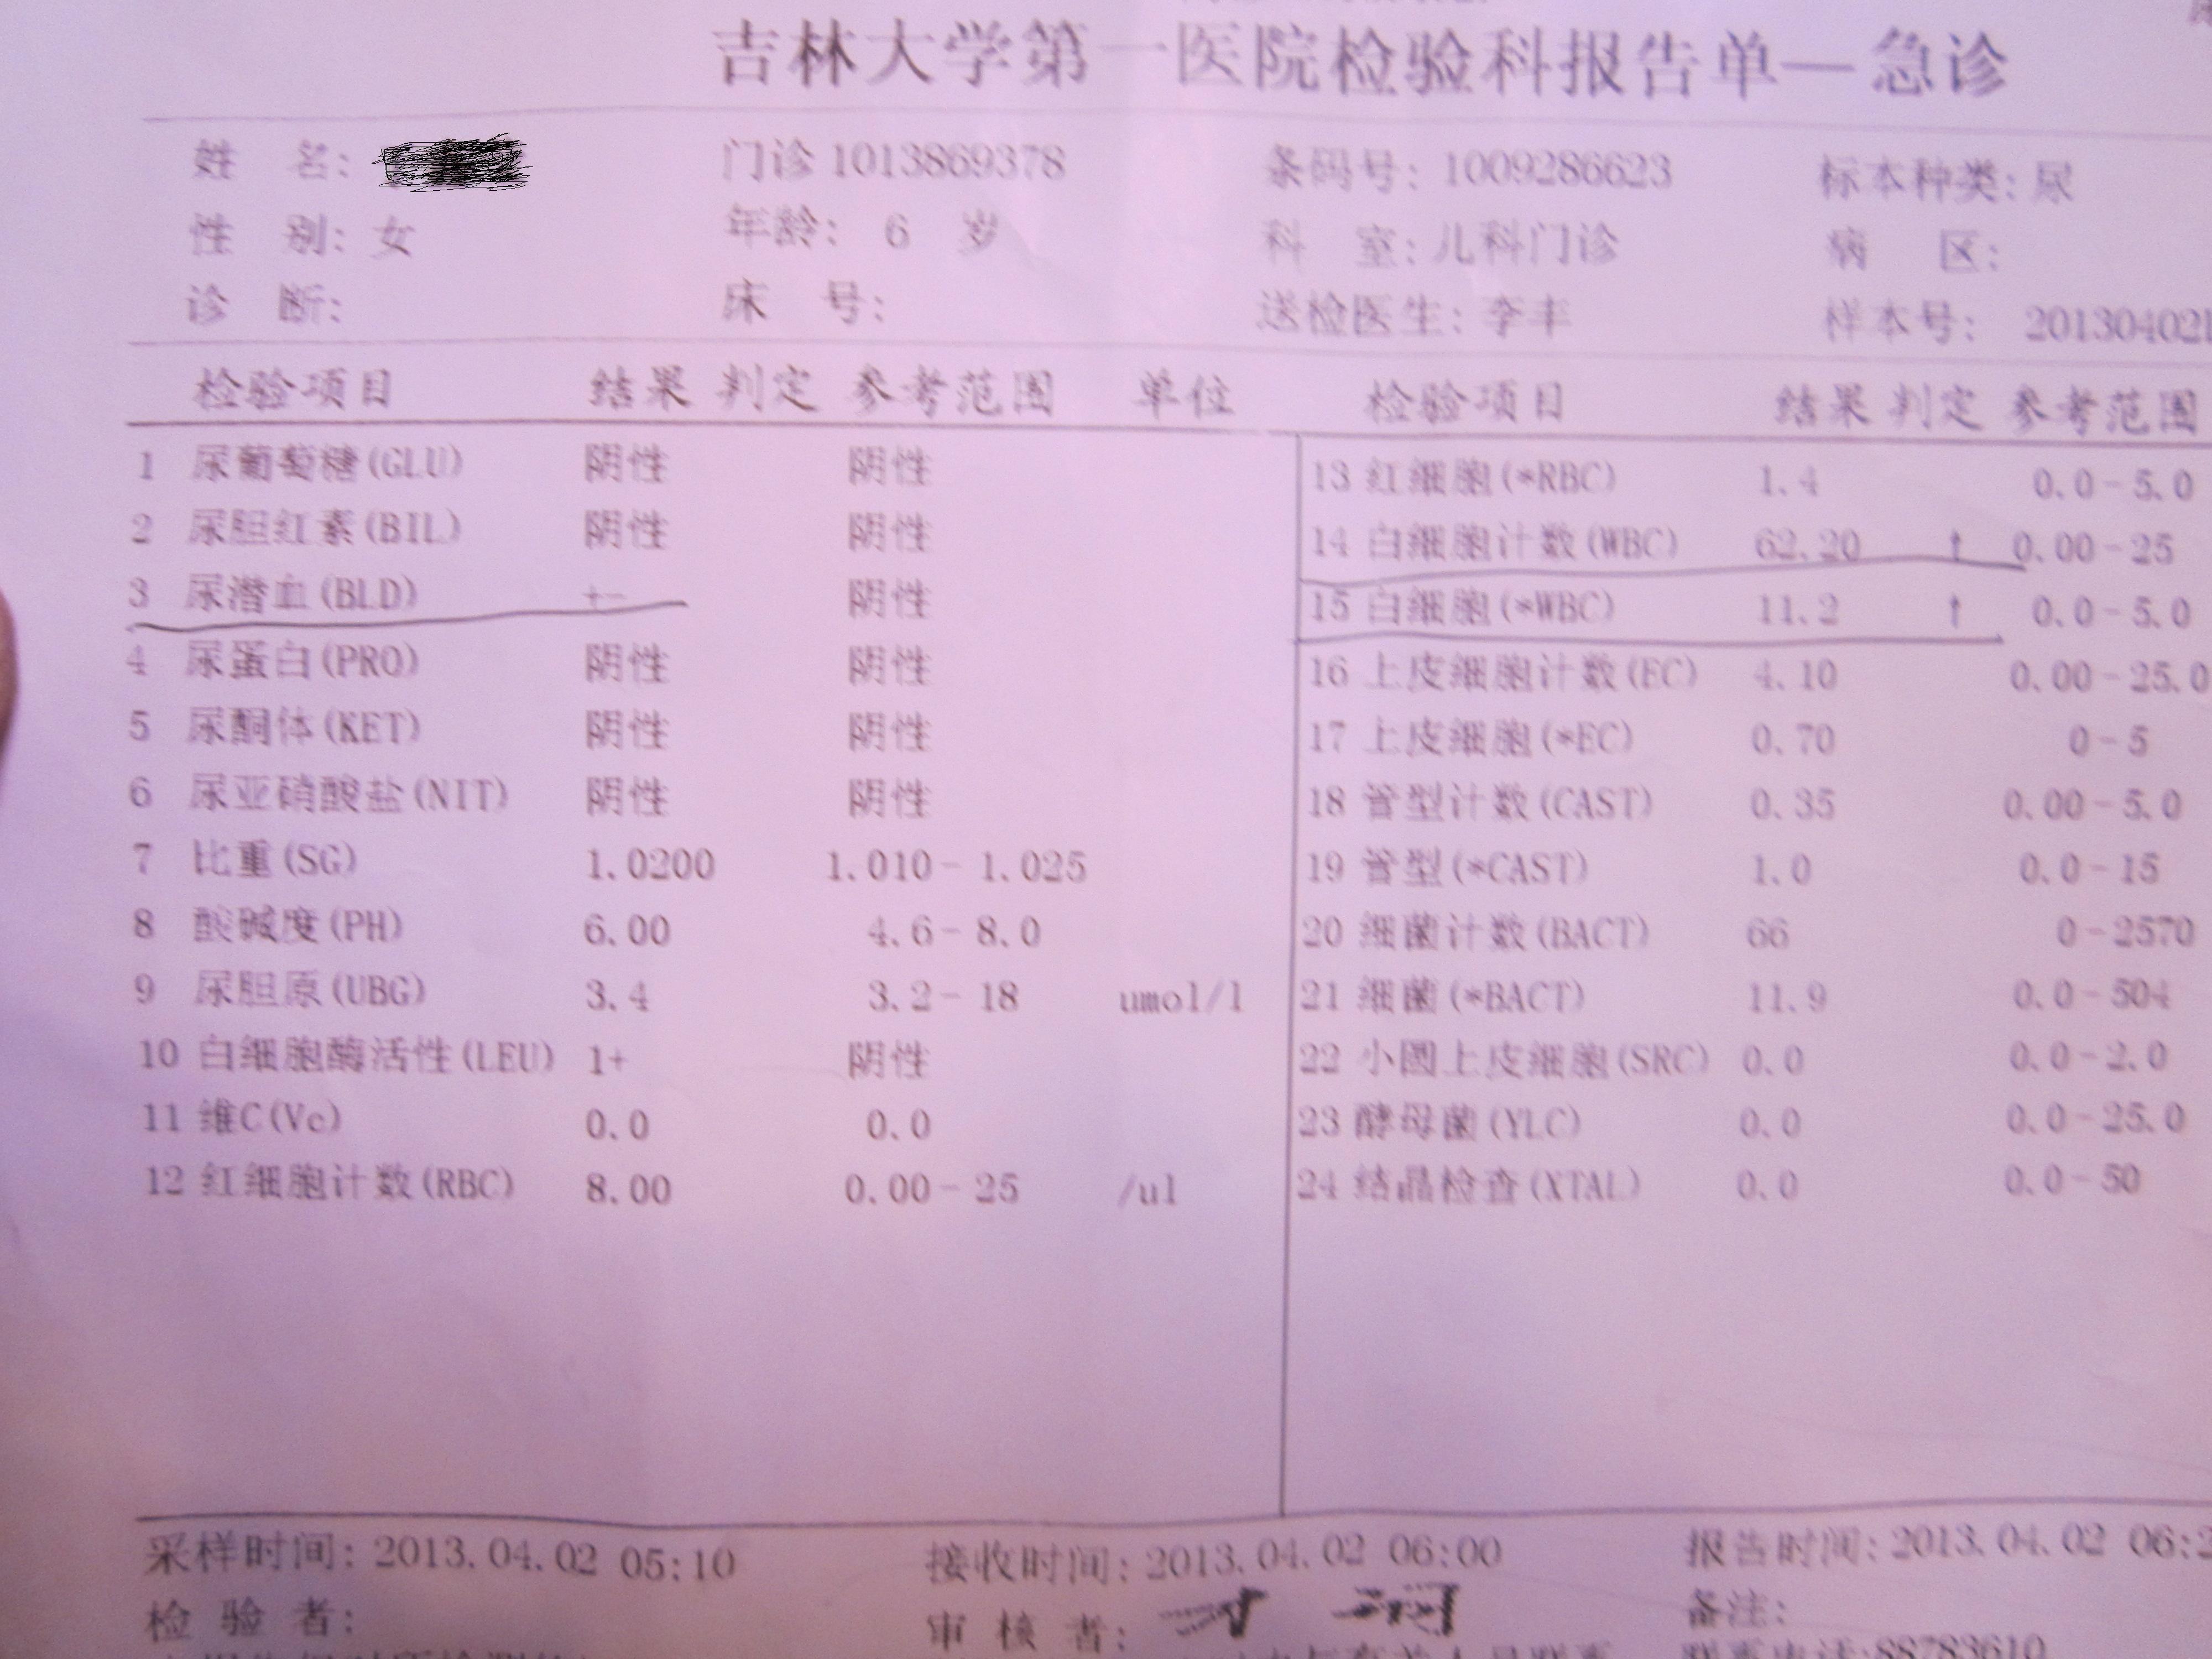 肌酐偏高尿常规正常_女孩子今年六岁,尿常规里白细胞高出正常值的二倍多,医生 ...